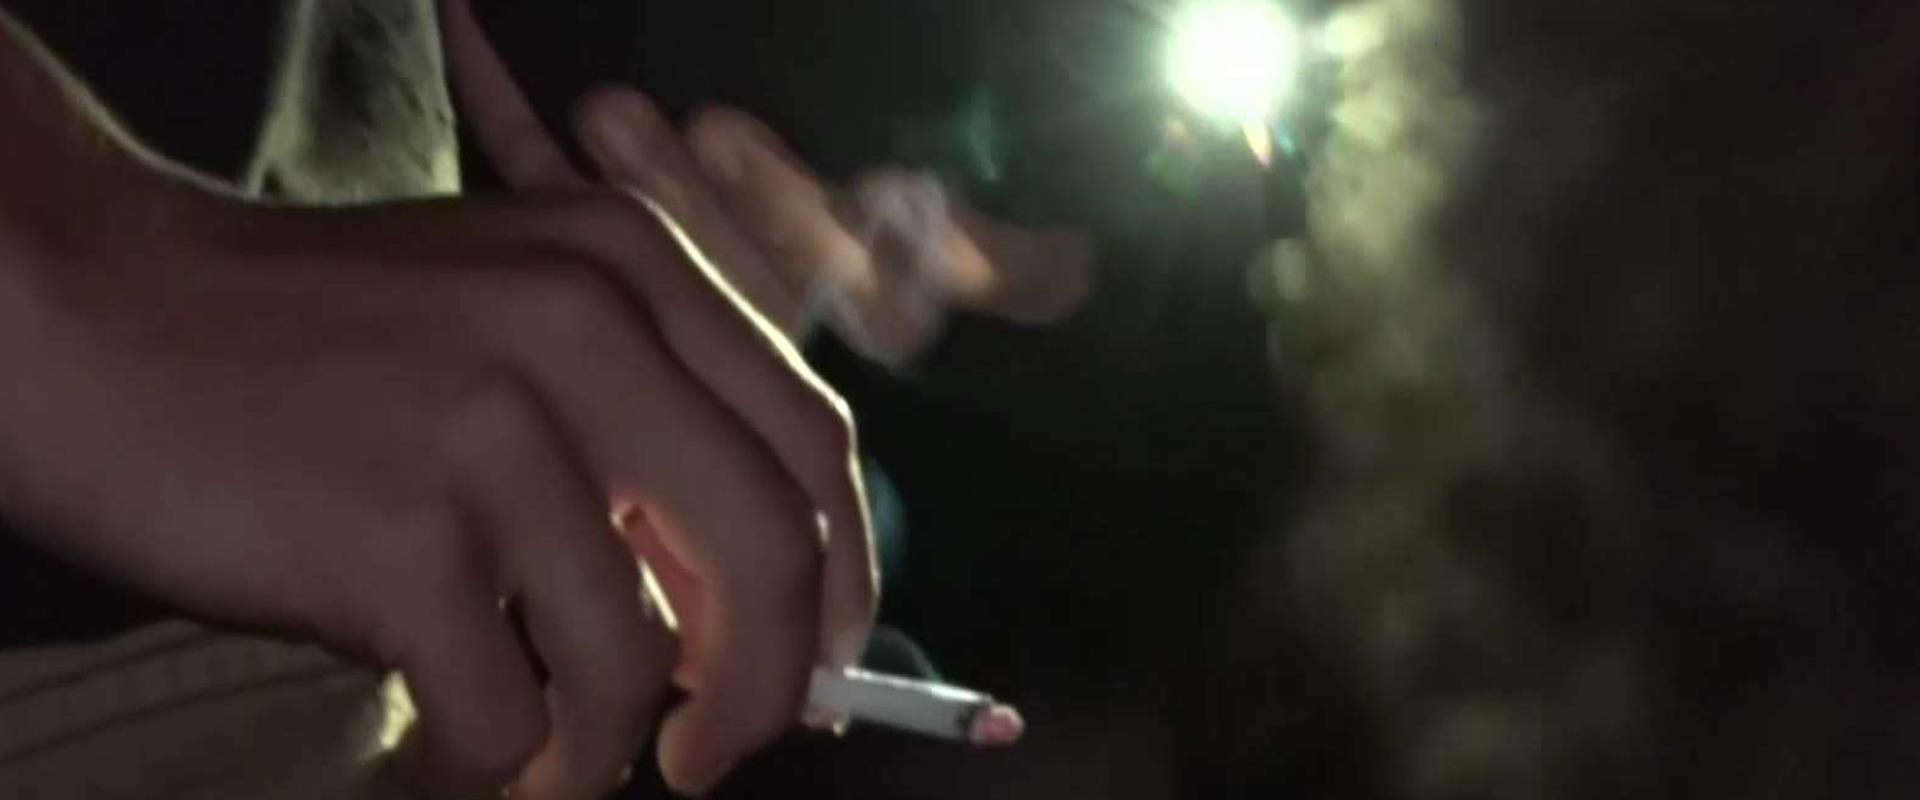 סמים ואלכוהול בגיל 14: הנוער שהולך לאיבוד בירדנית